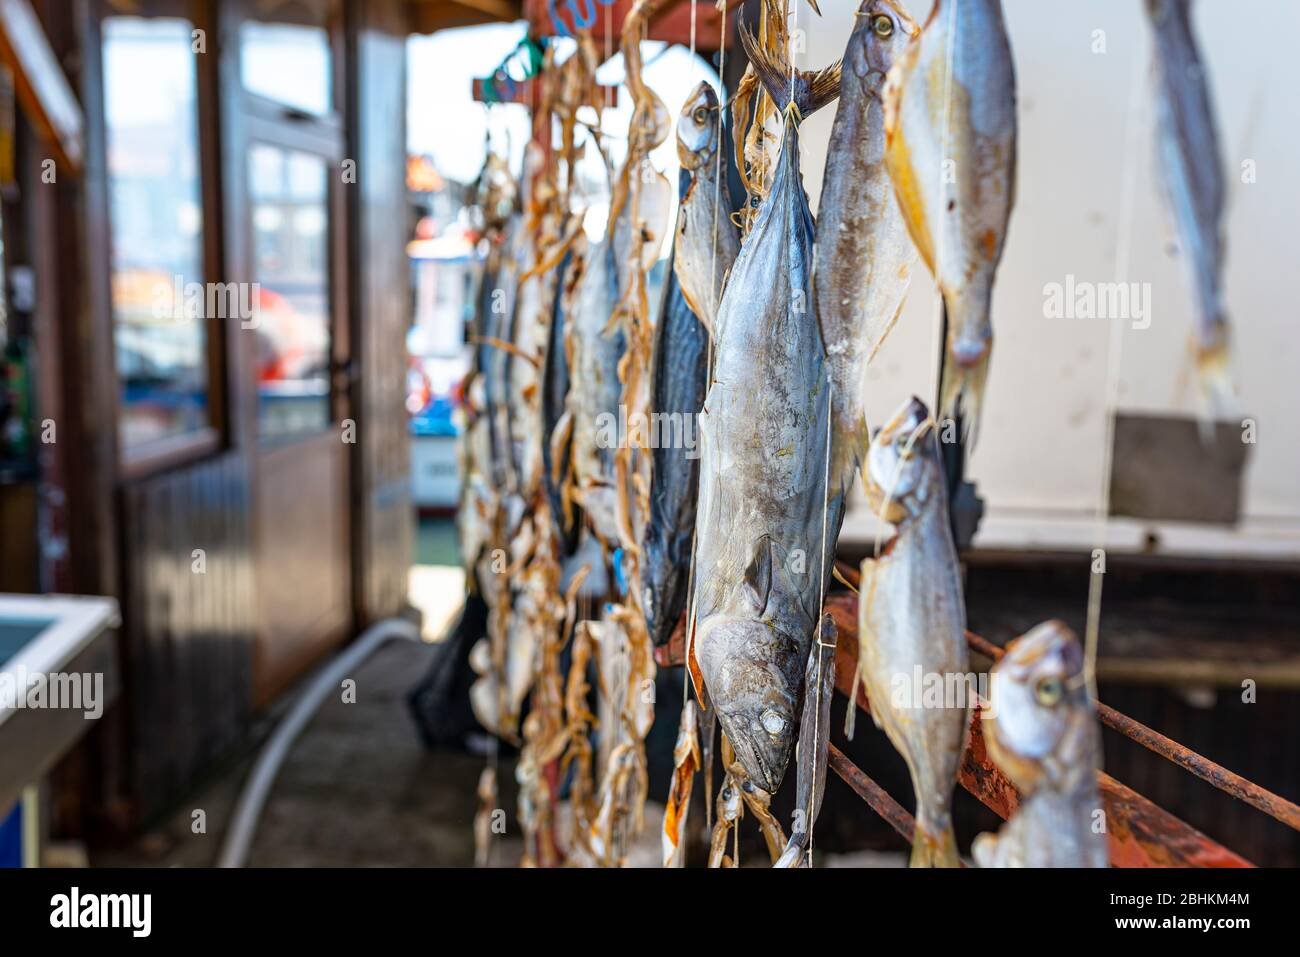 Pescado seco de mar colgado en ganchos en un mercado de pescado local. Foto de stock